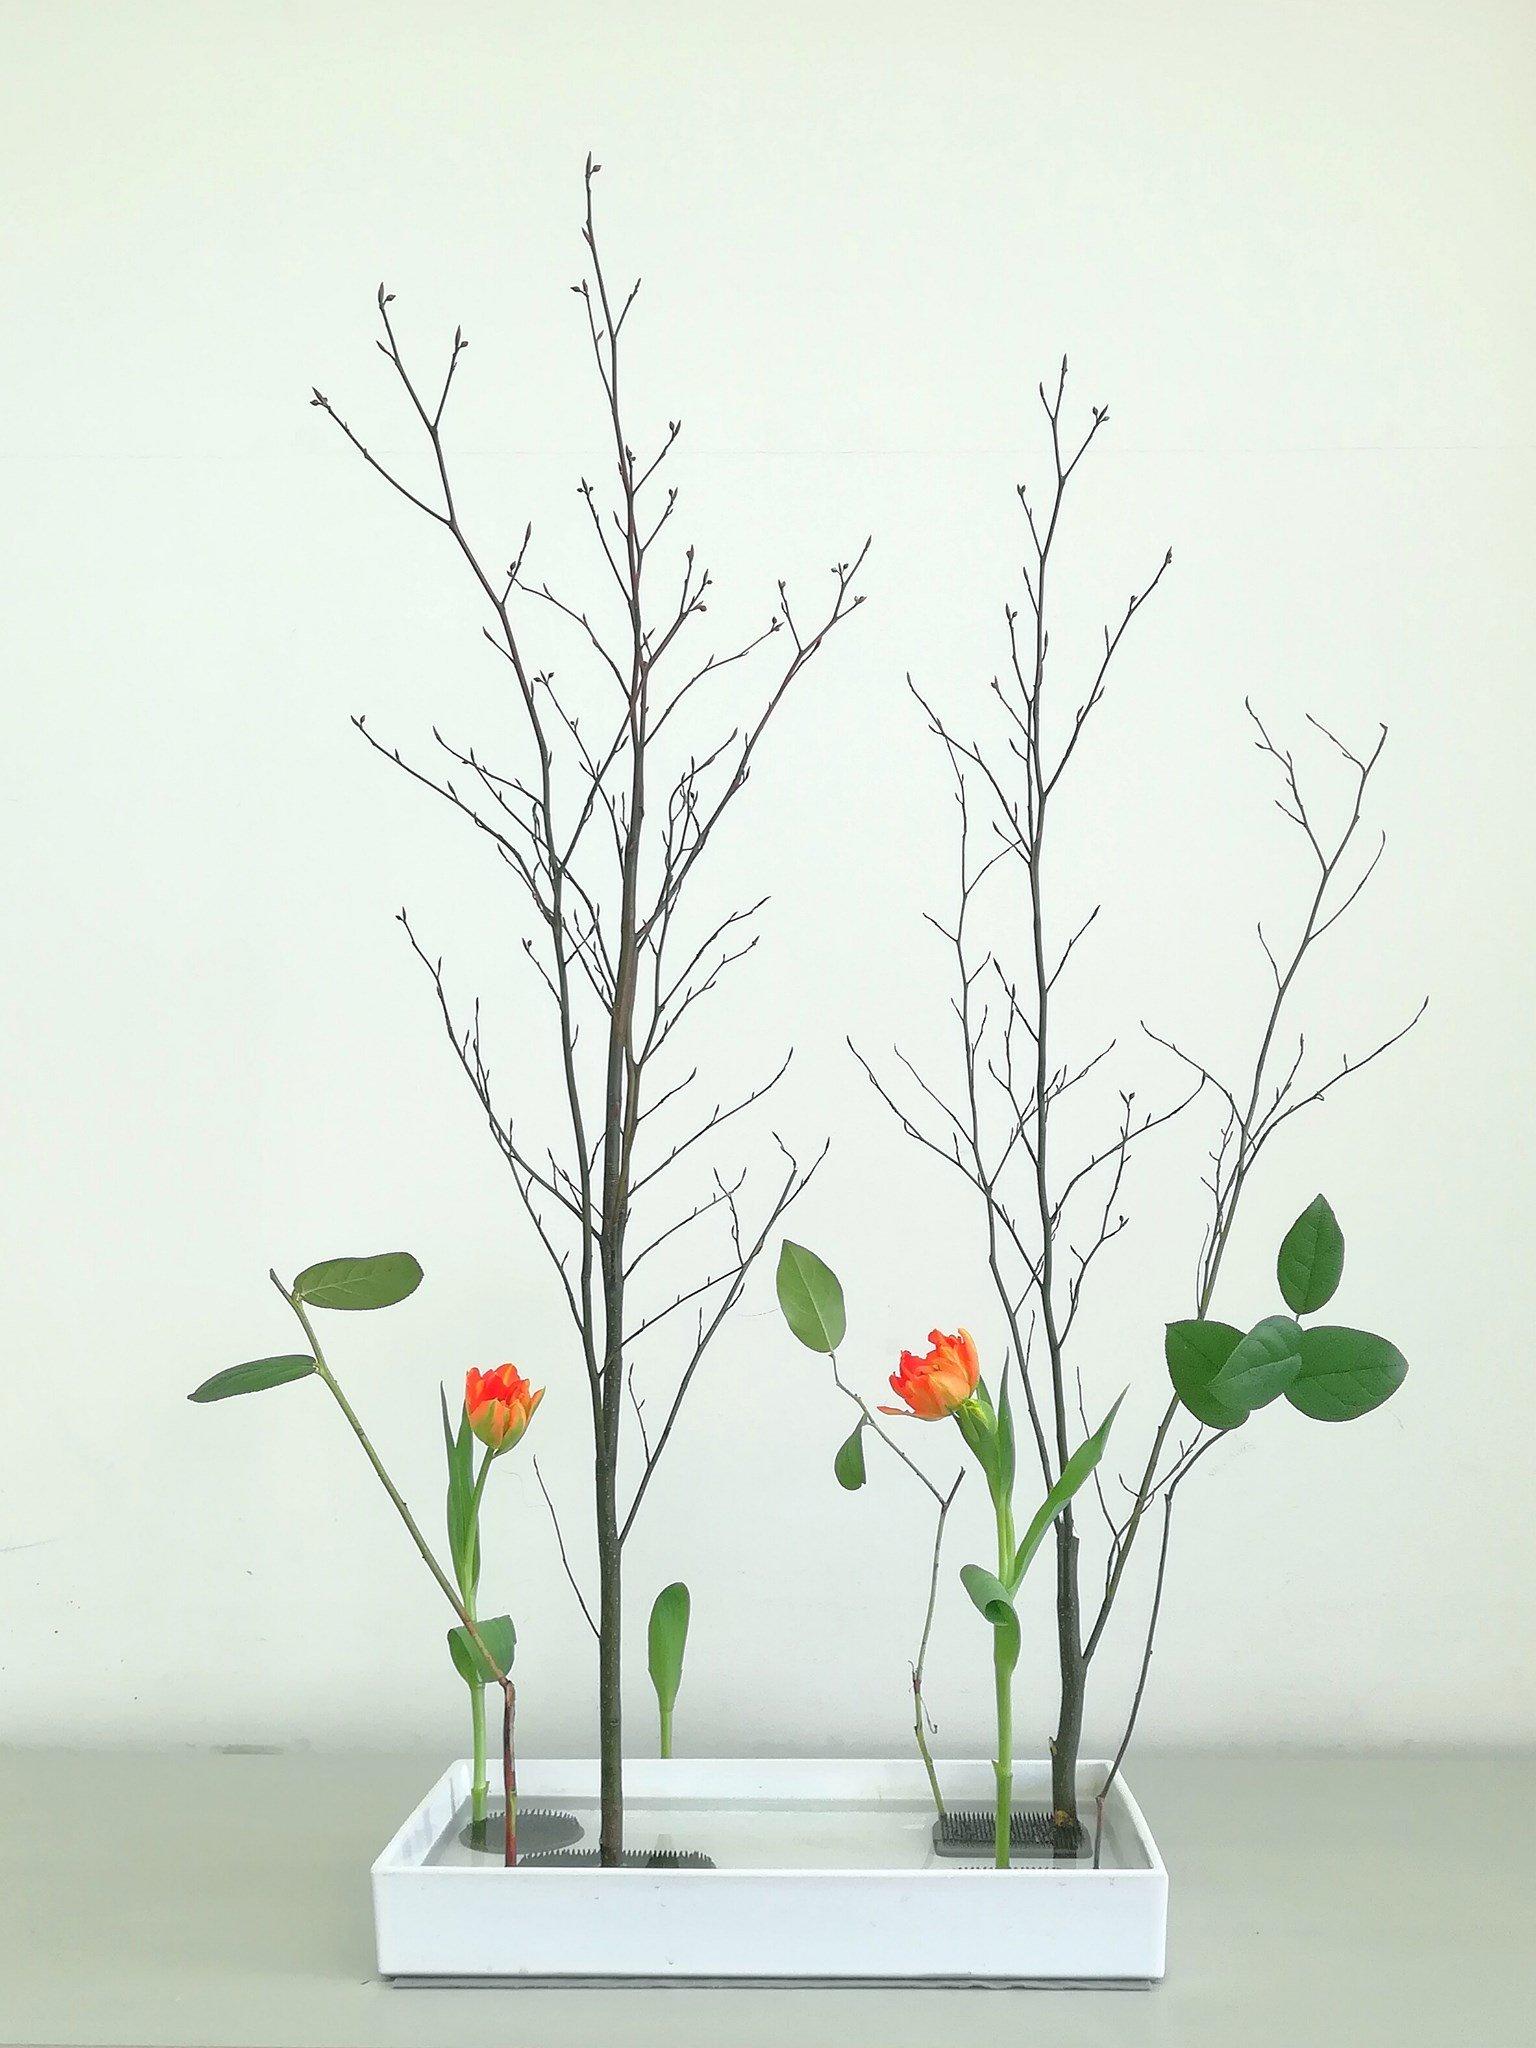 型のない生け花〜自分と繋がる時間3月20日開催のイメージその3